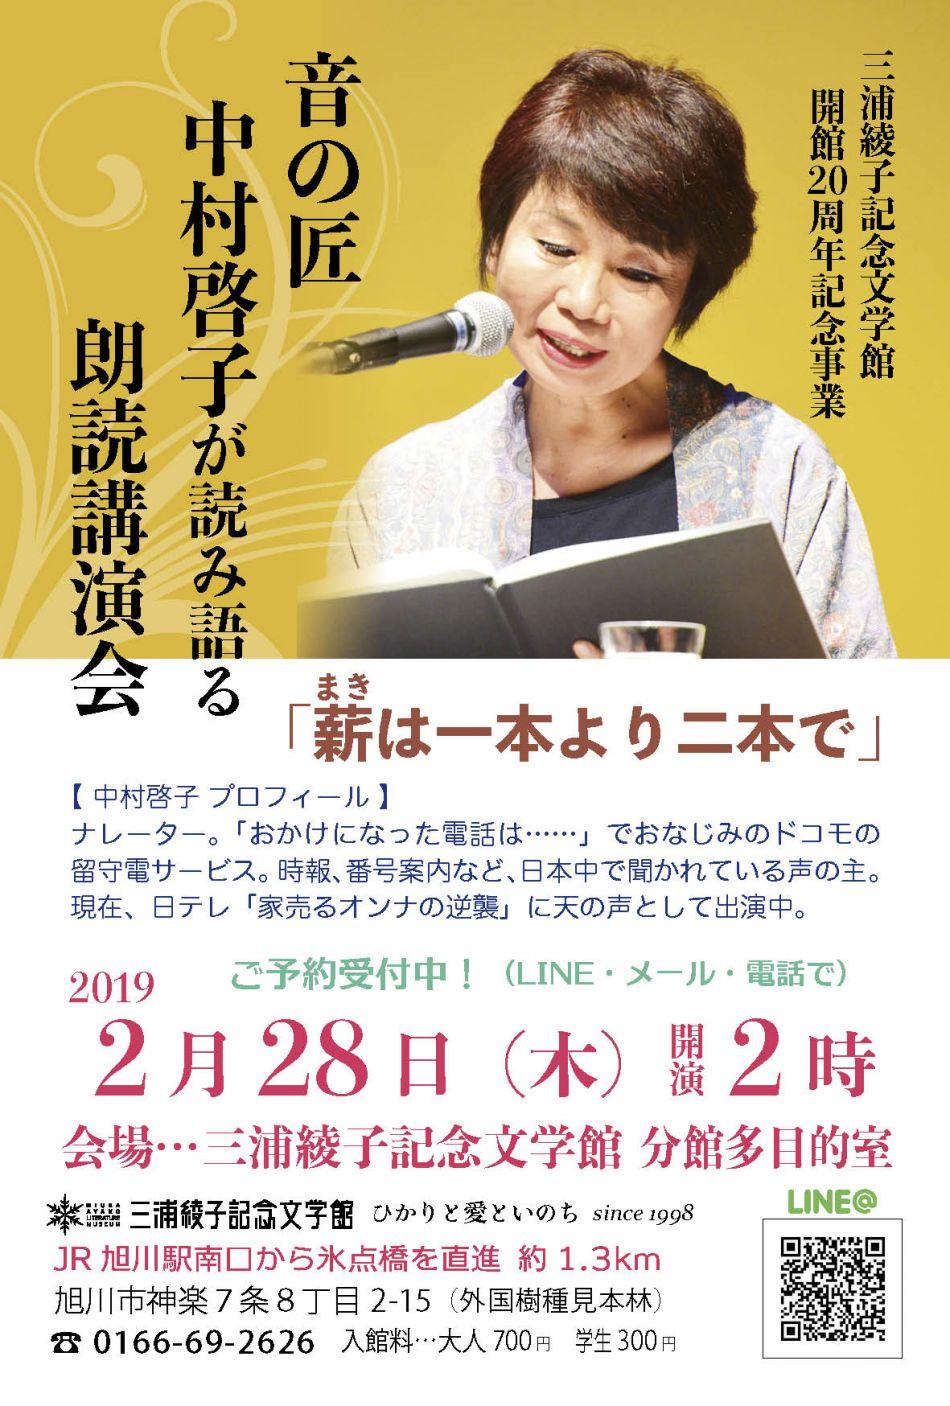 中村啓子朗読講演会(2019年2月28日午後2時)